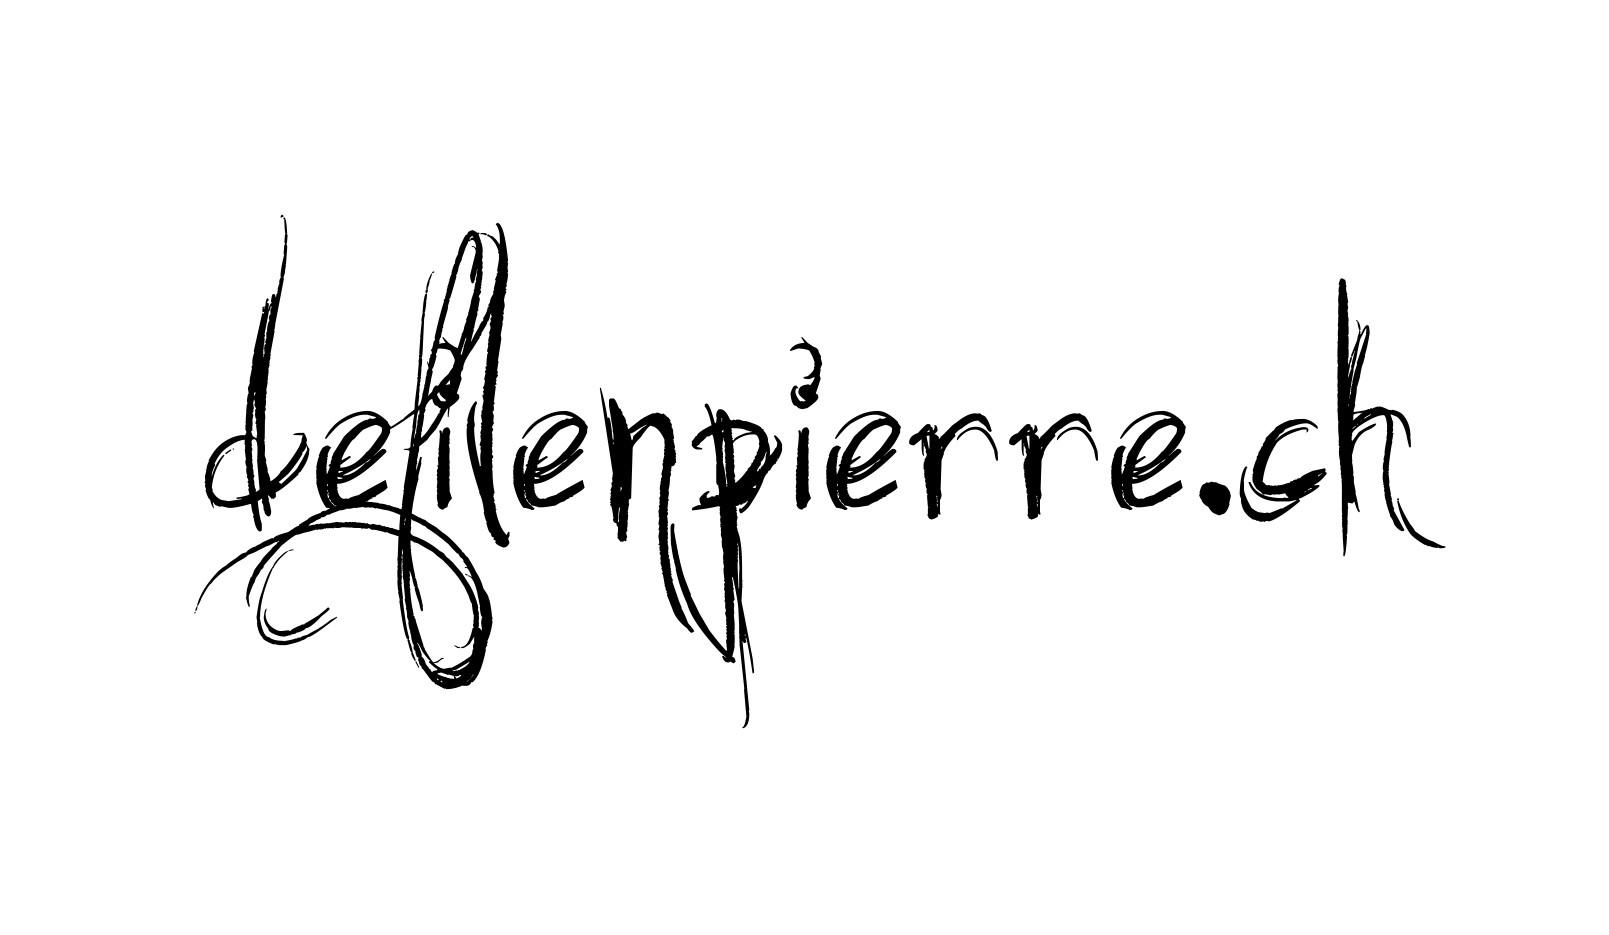 defilenpierre.ch